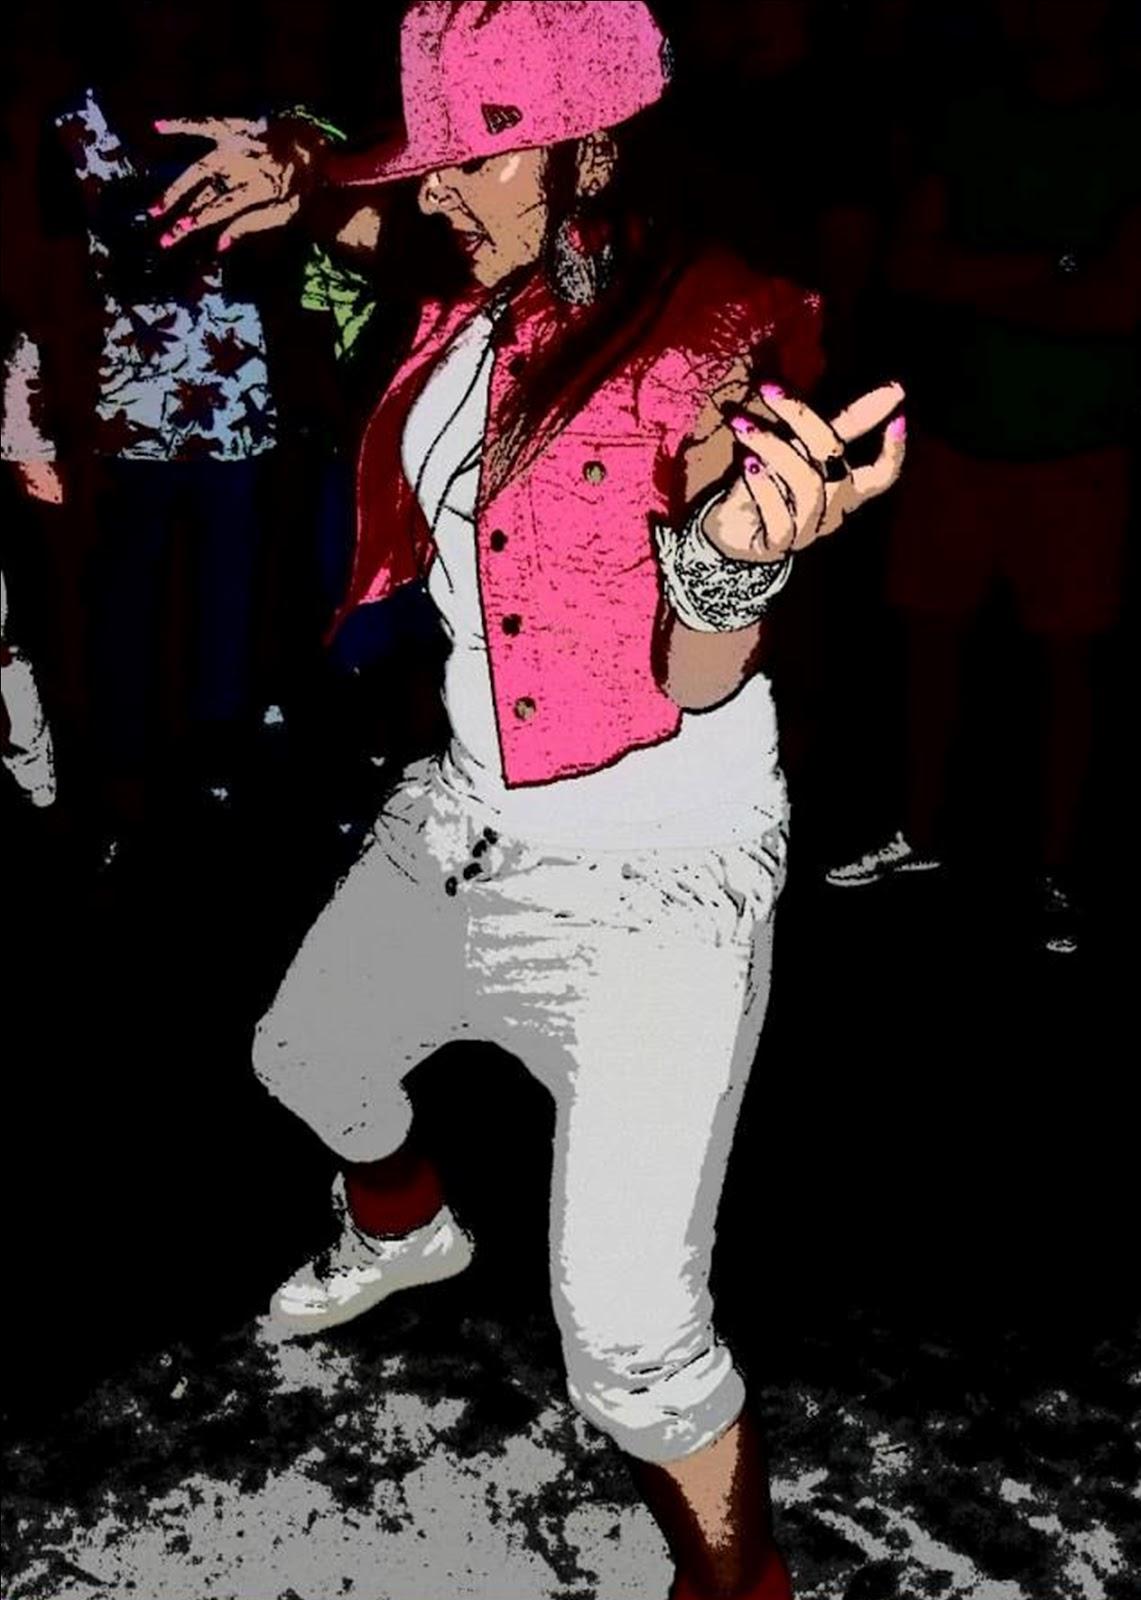 Ben noto Frasi Sulla Danza Hip Hop AV62